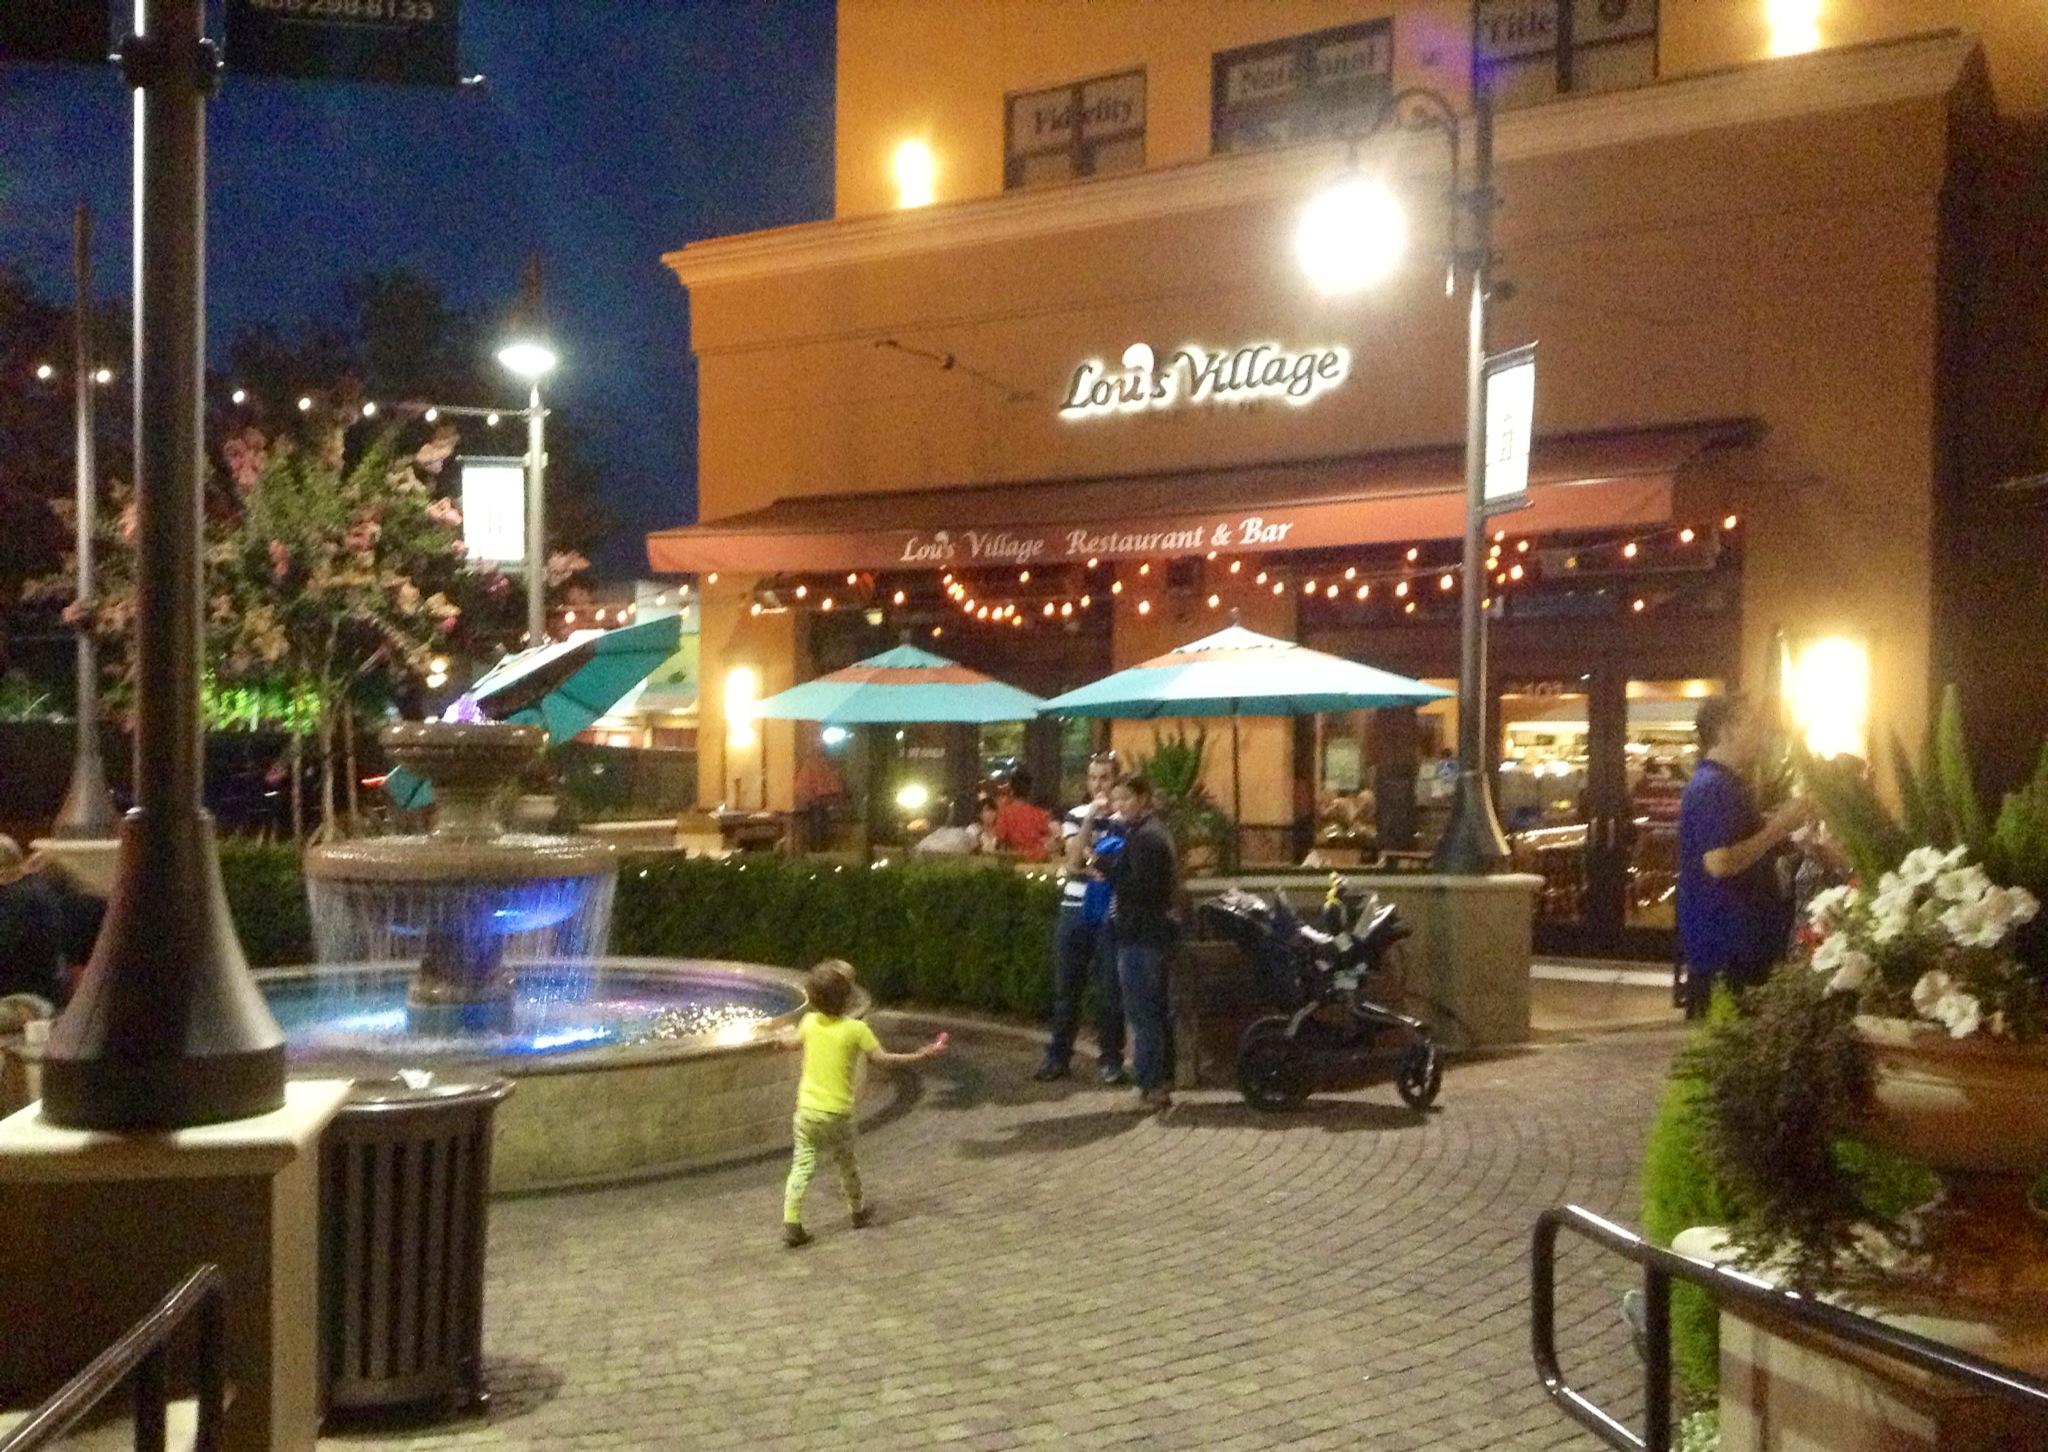 Downtown Restaurant Glen Village